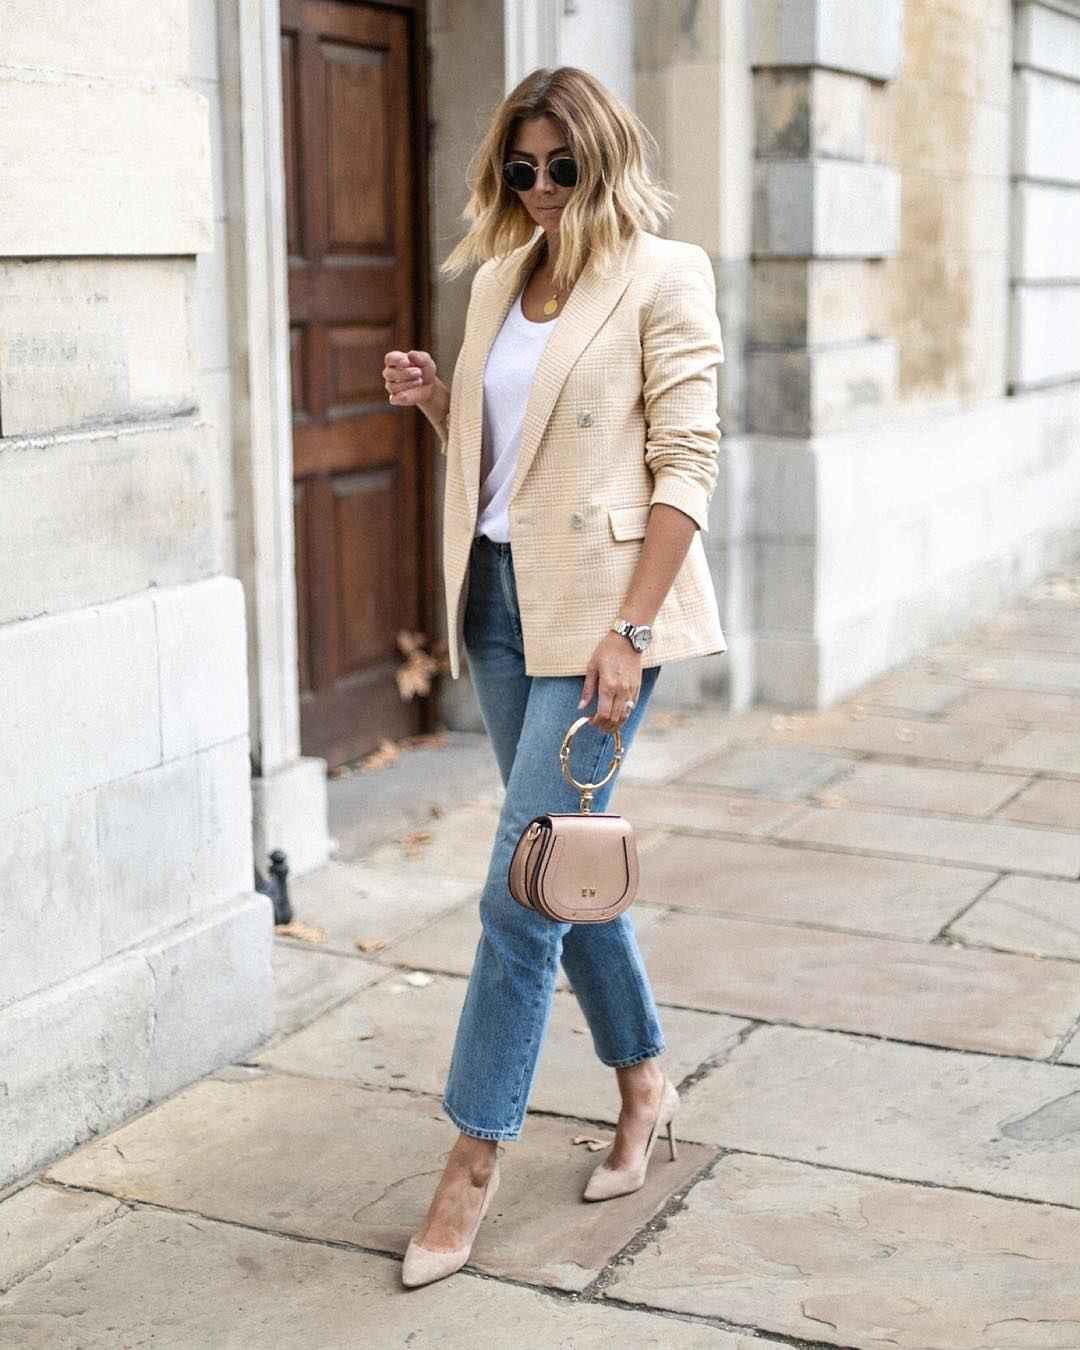 Деловой стиль 2019-2020 с джинсами фото идеи_8